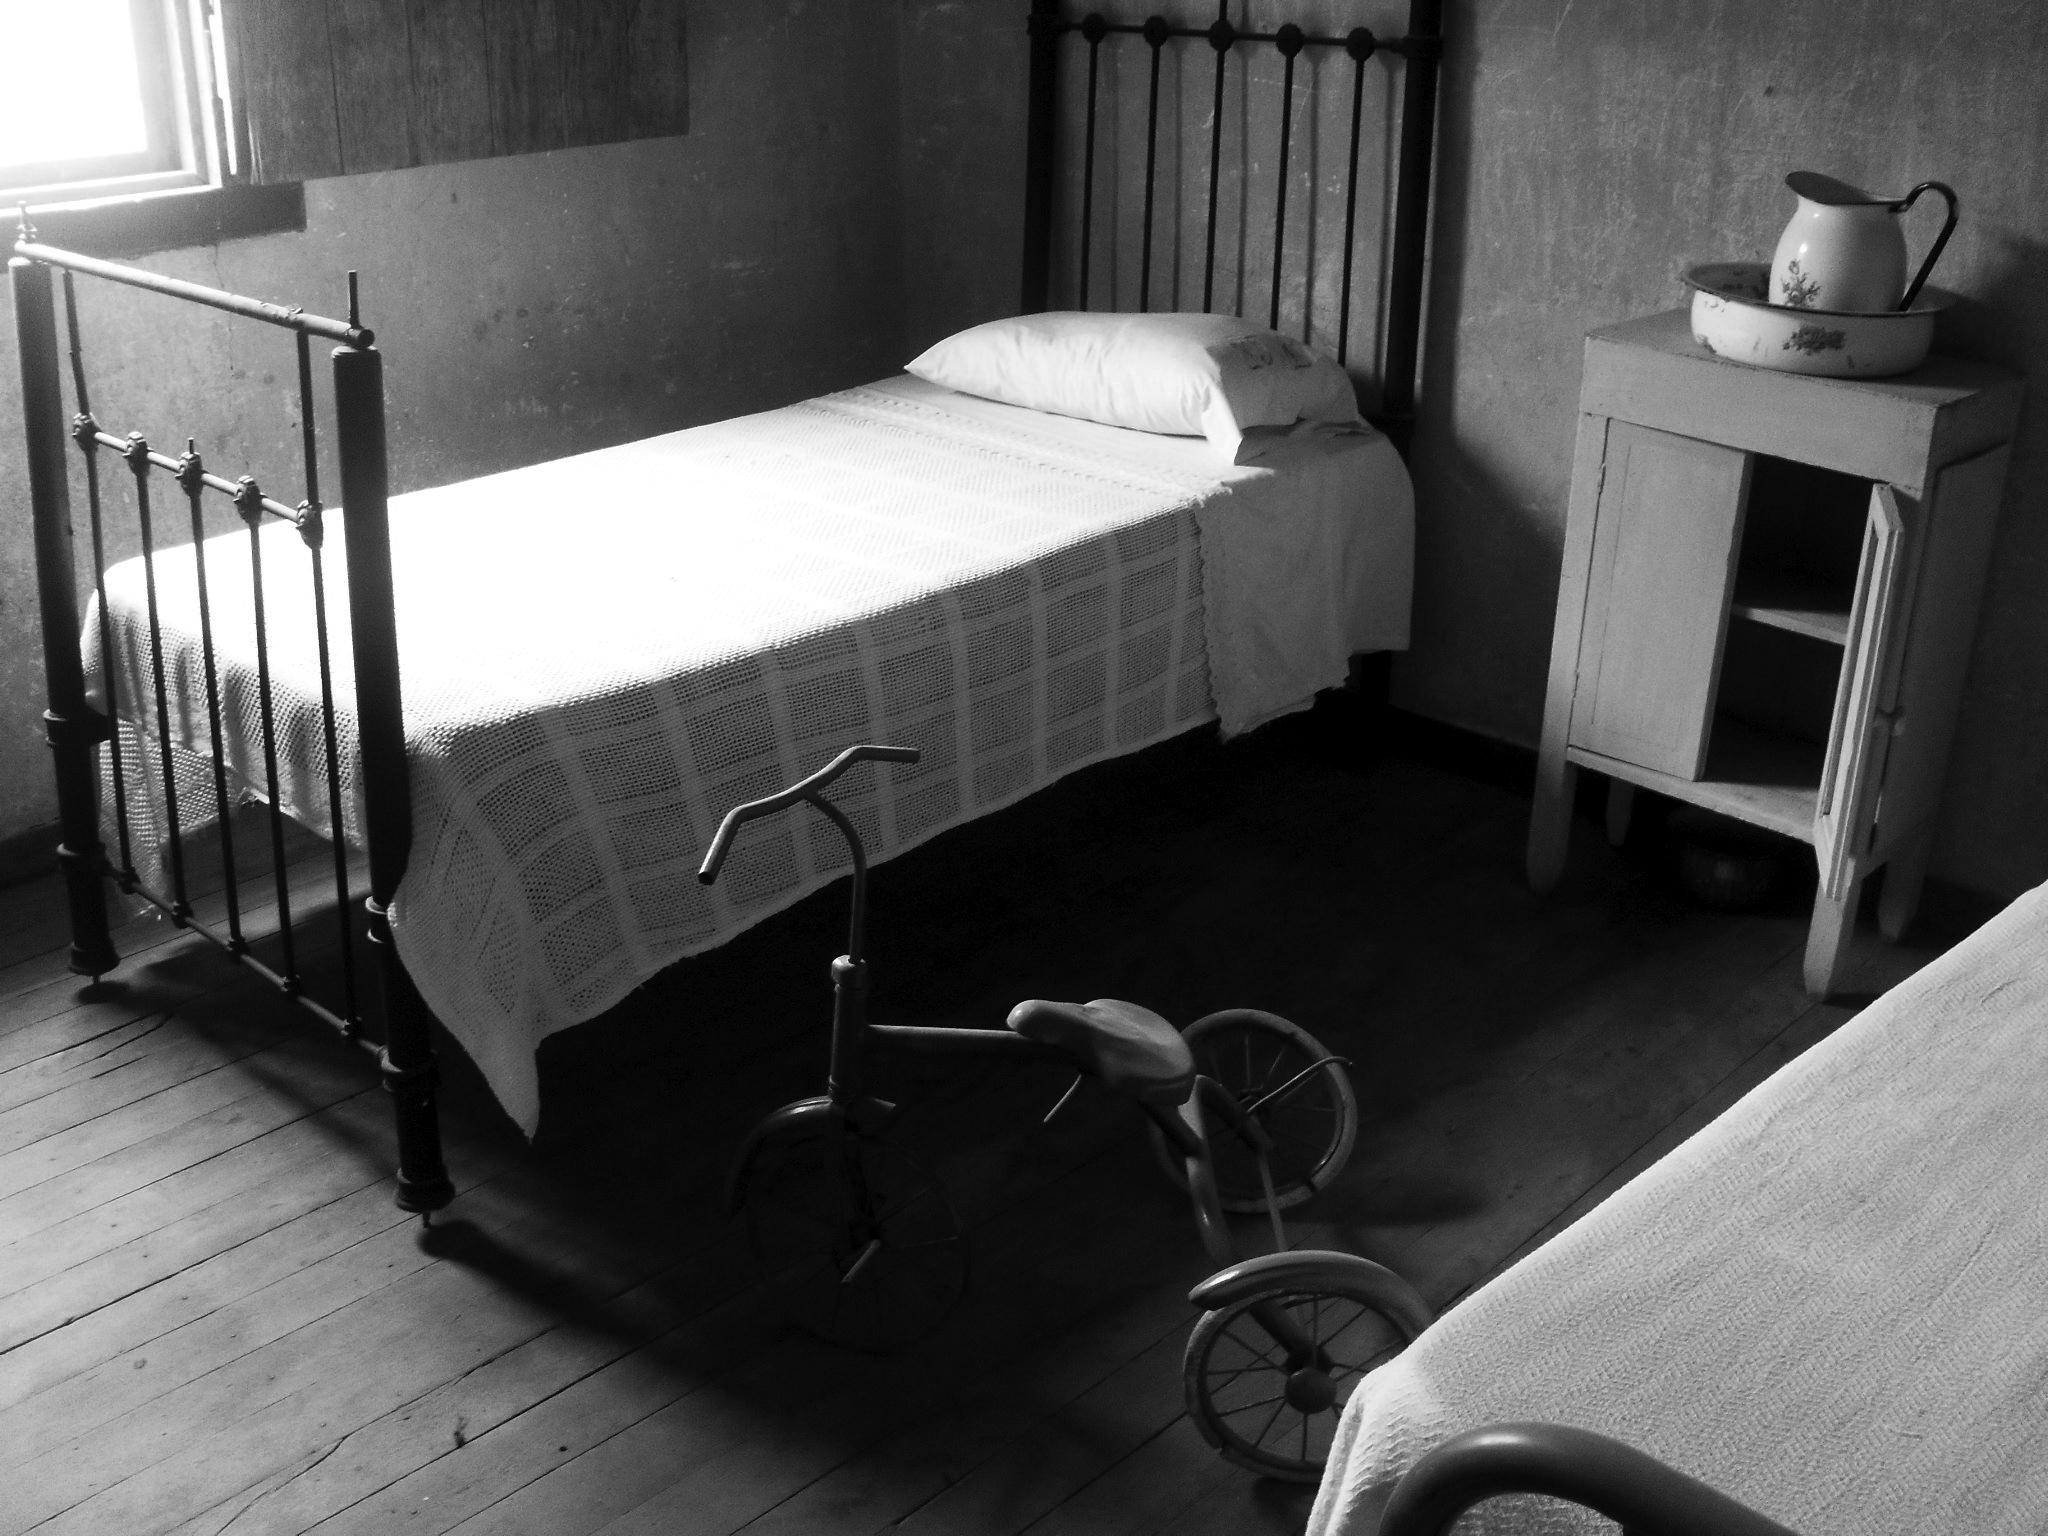 File cama mesita de noche y triciclo oficina salitrera for Cama oficina